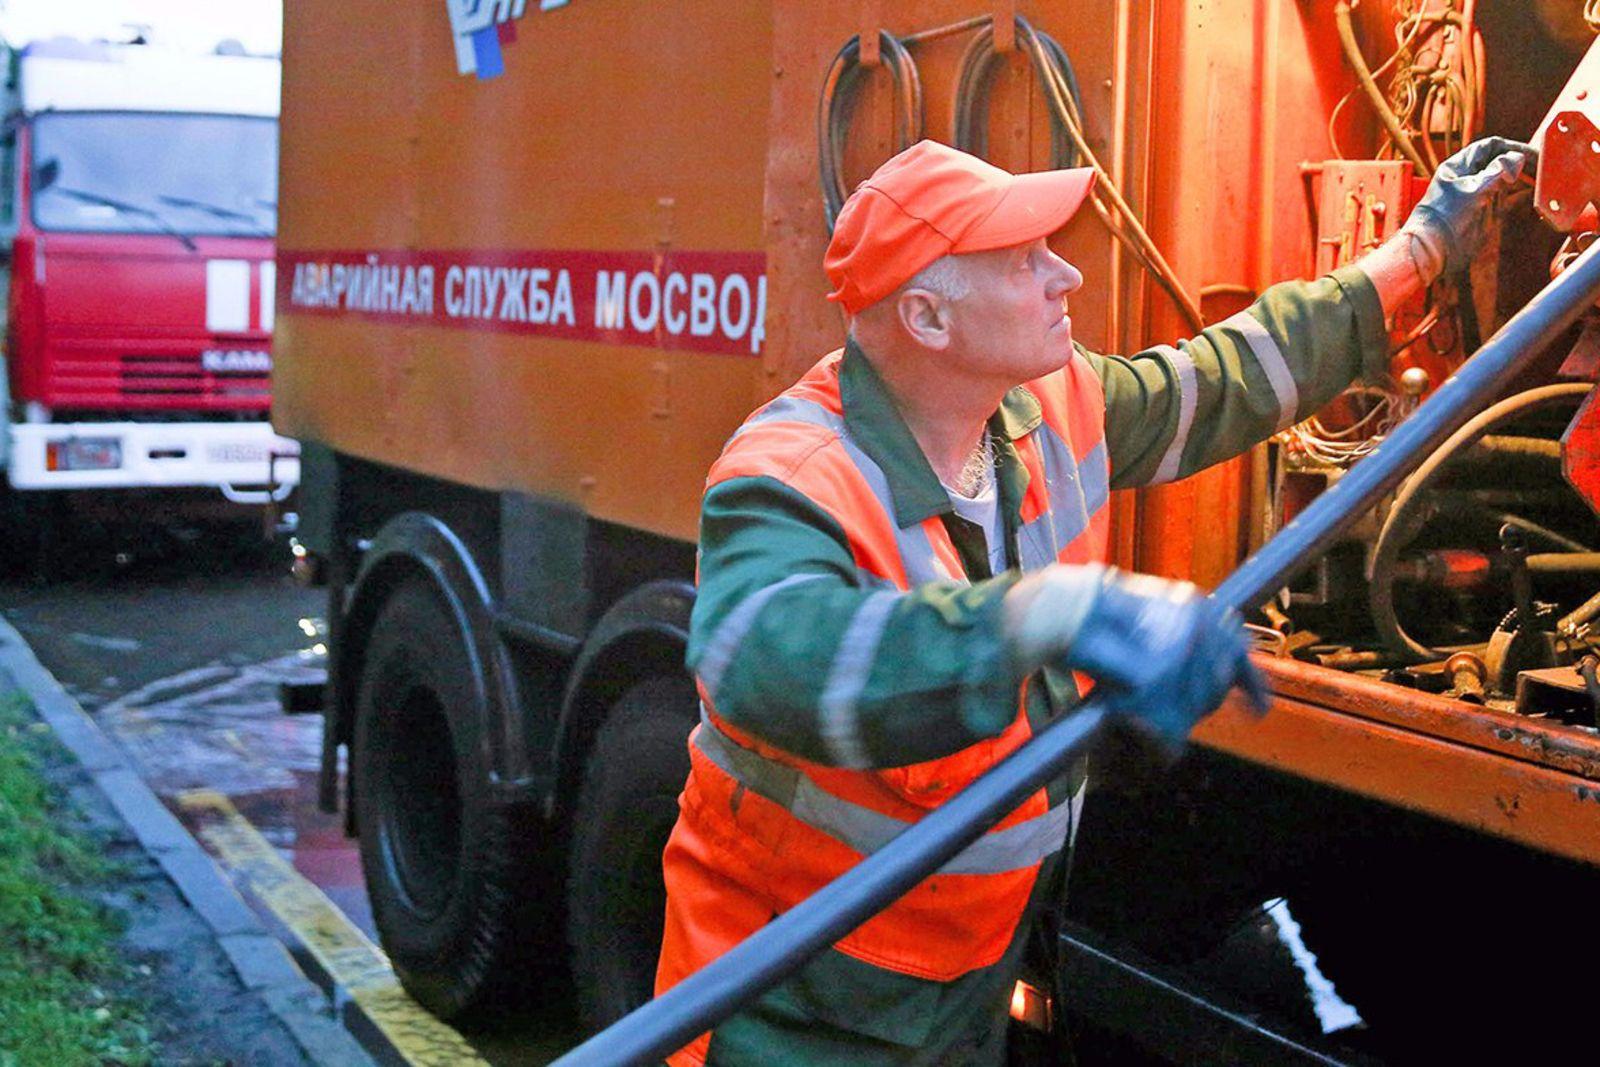 Чрезвычайных ситуаций вследствие ливня в Москве не зафиксировали